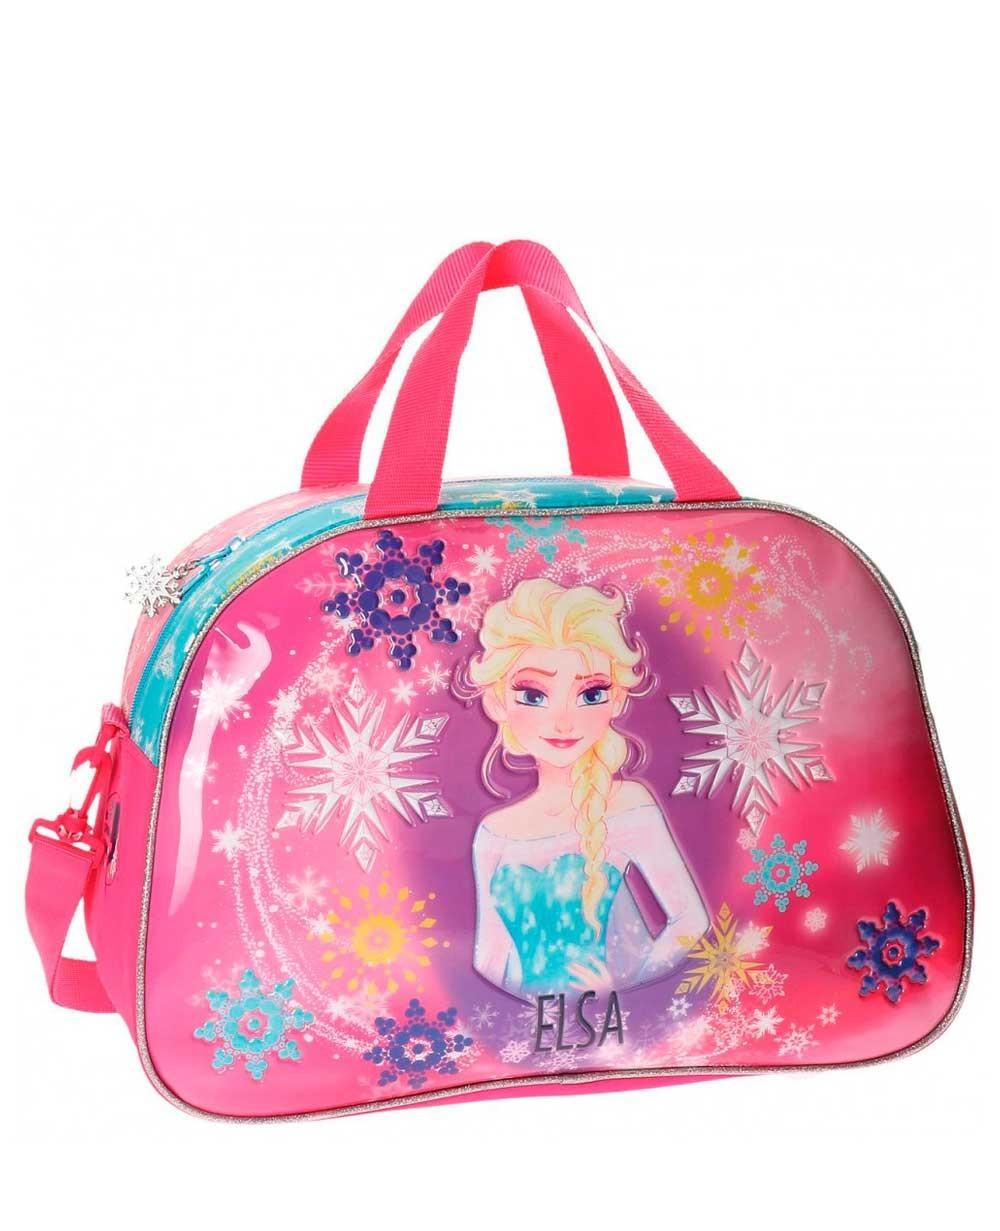 Frozen Elsa Bolsa de Viaje Rosa (Foto )